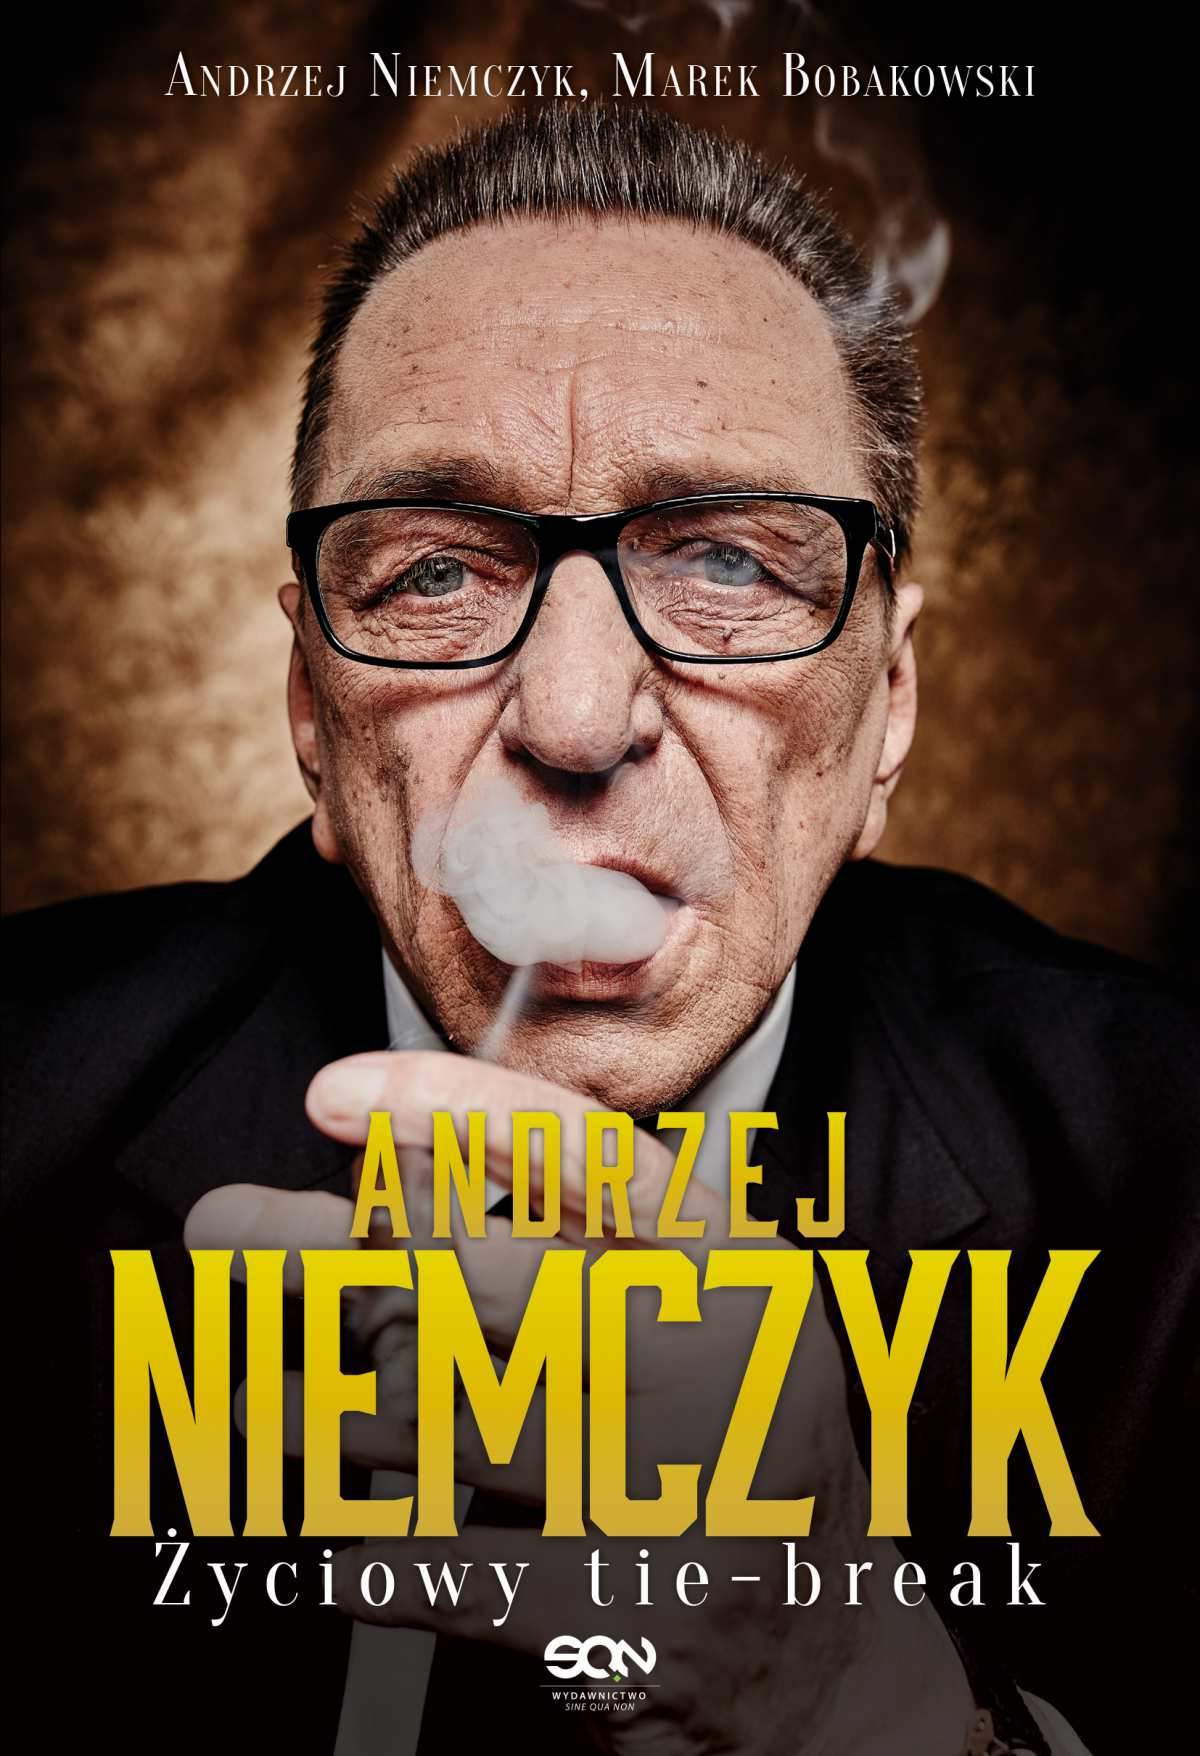 Andrzej Niemczyk. Życiowy tie-break - Ebook (Książka EPUB) do pobrania w formacie EPUB